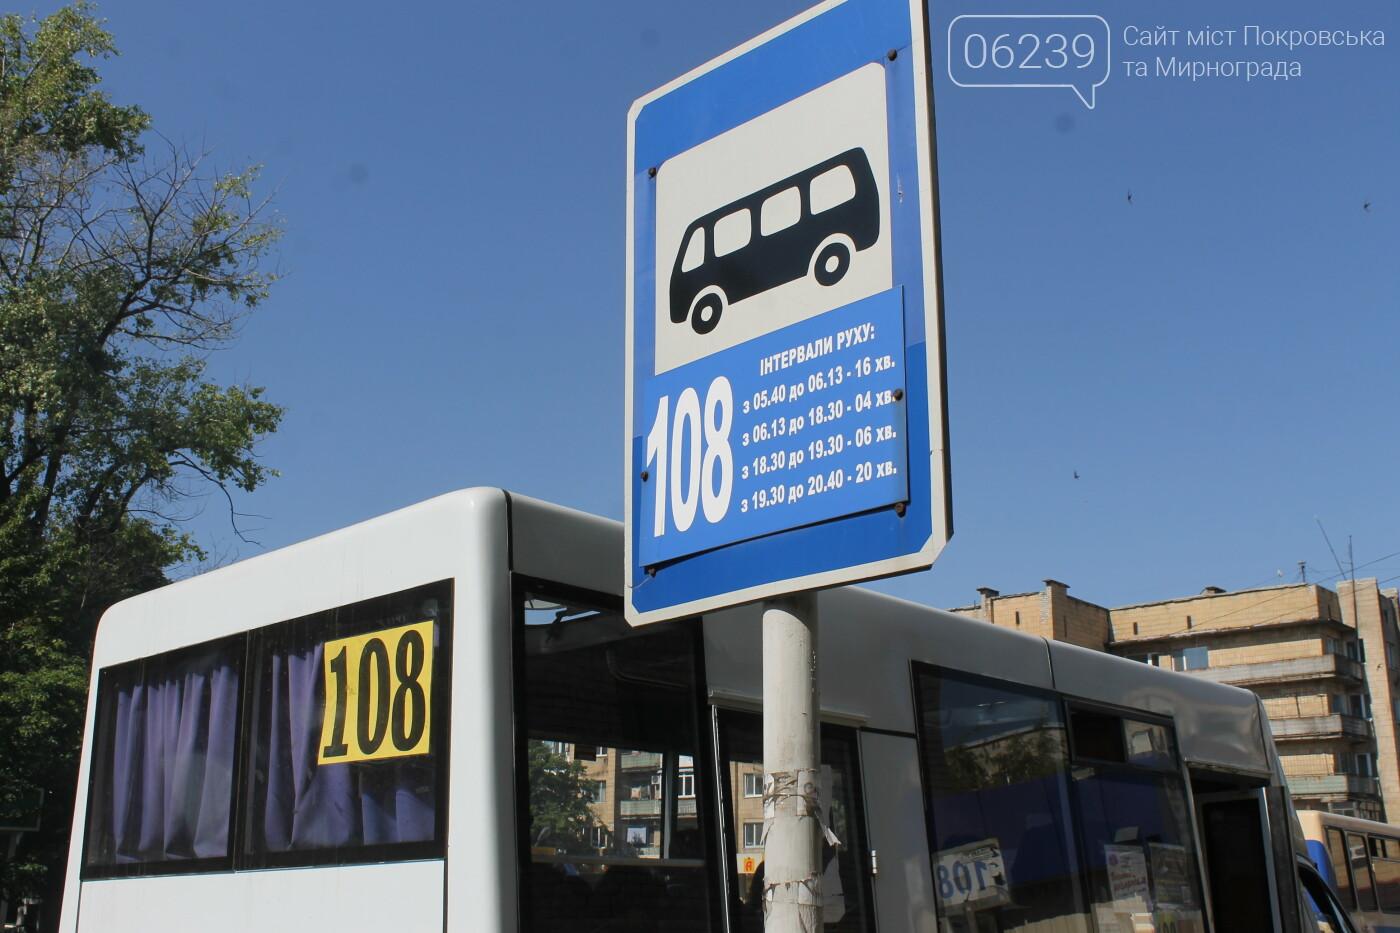 Сегодня в Покровске повысились тарифы на проезд в маршрутках, фото-2